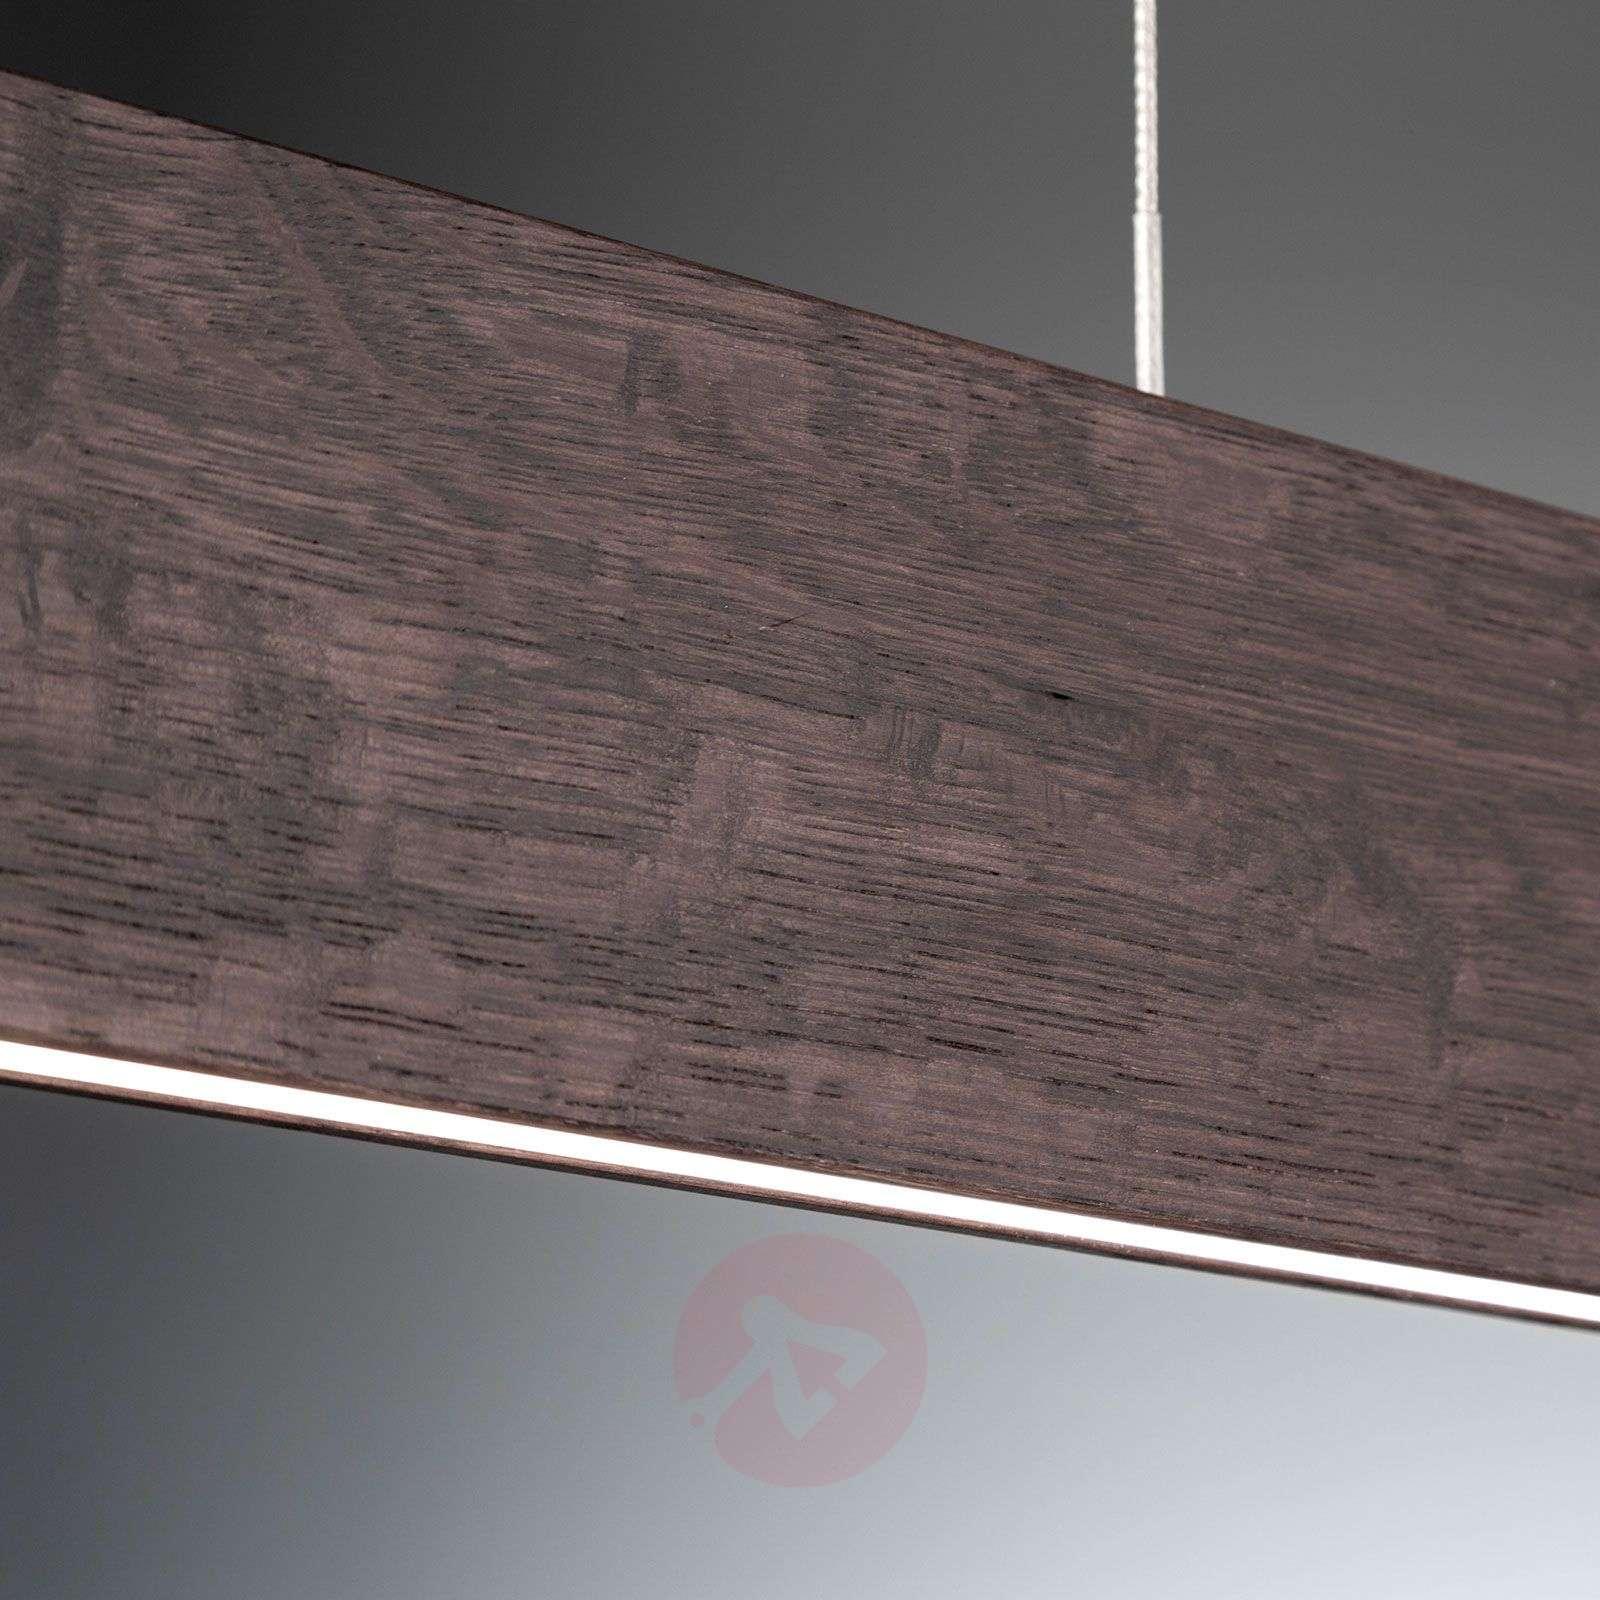 LED-riippuvalo Lise, korkeussäätö tammi siirtom.-6722495X-01